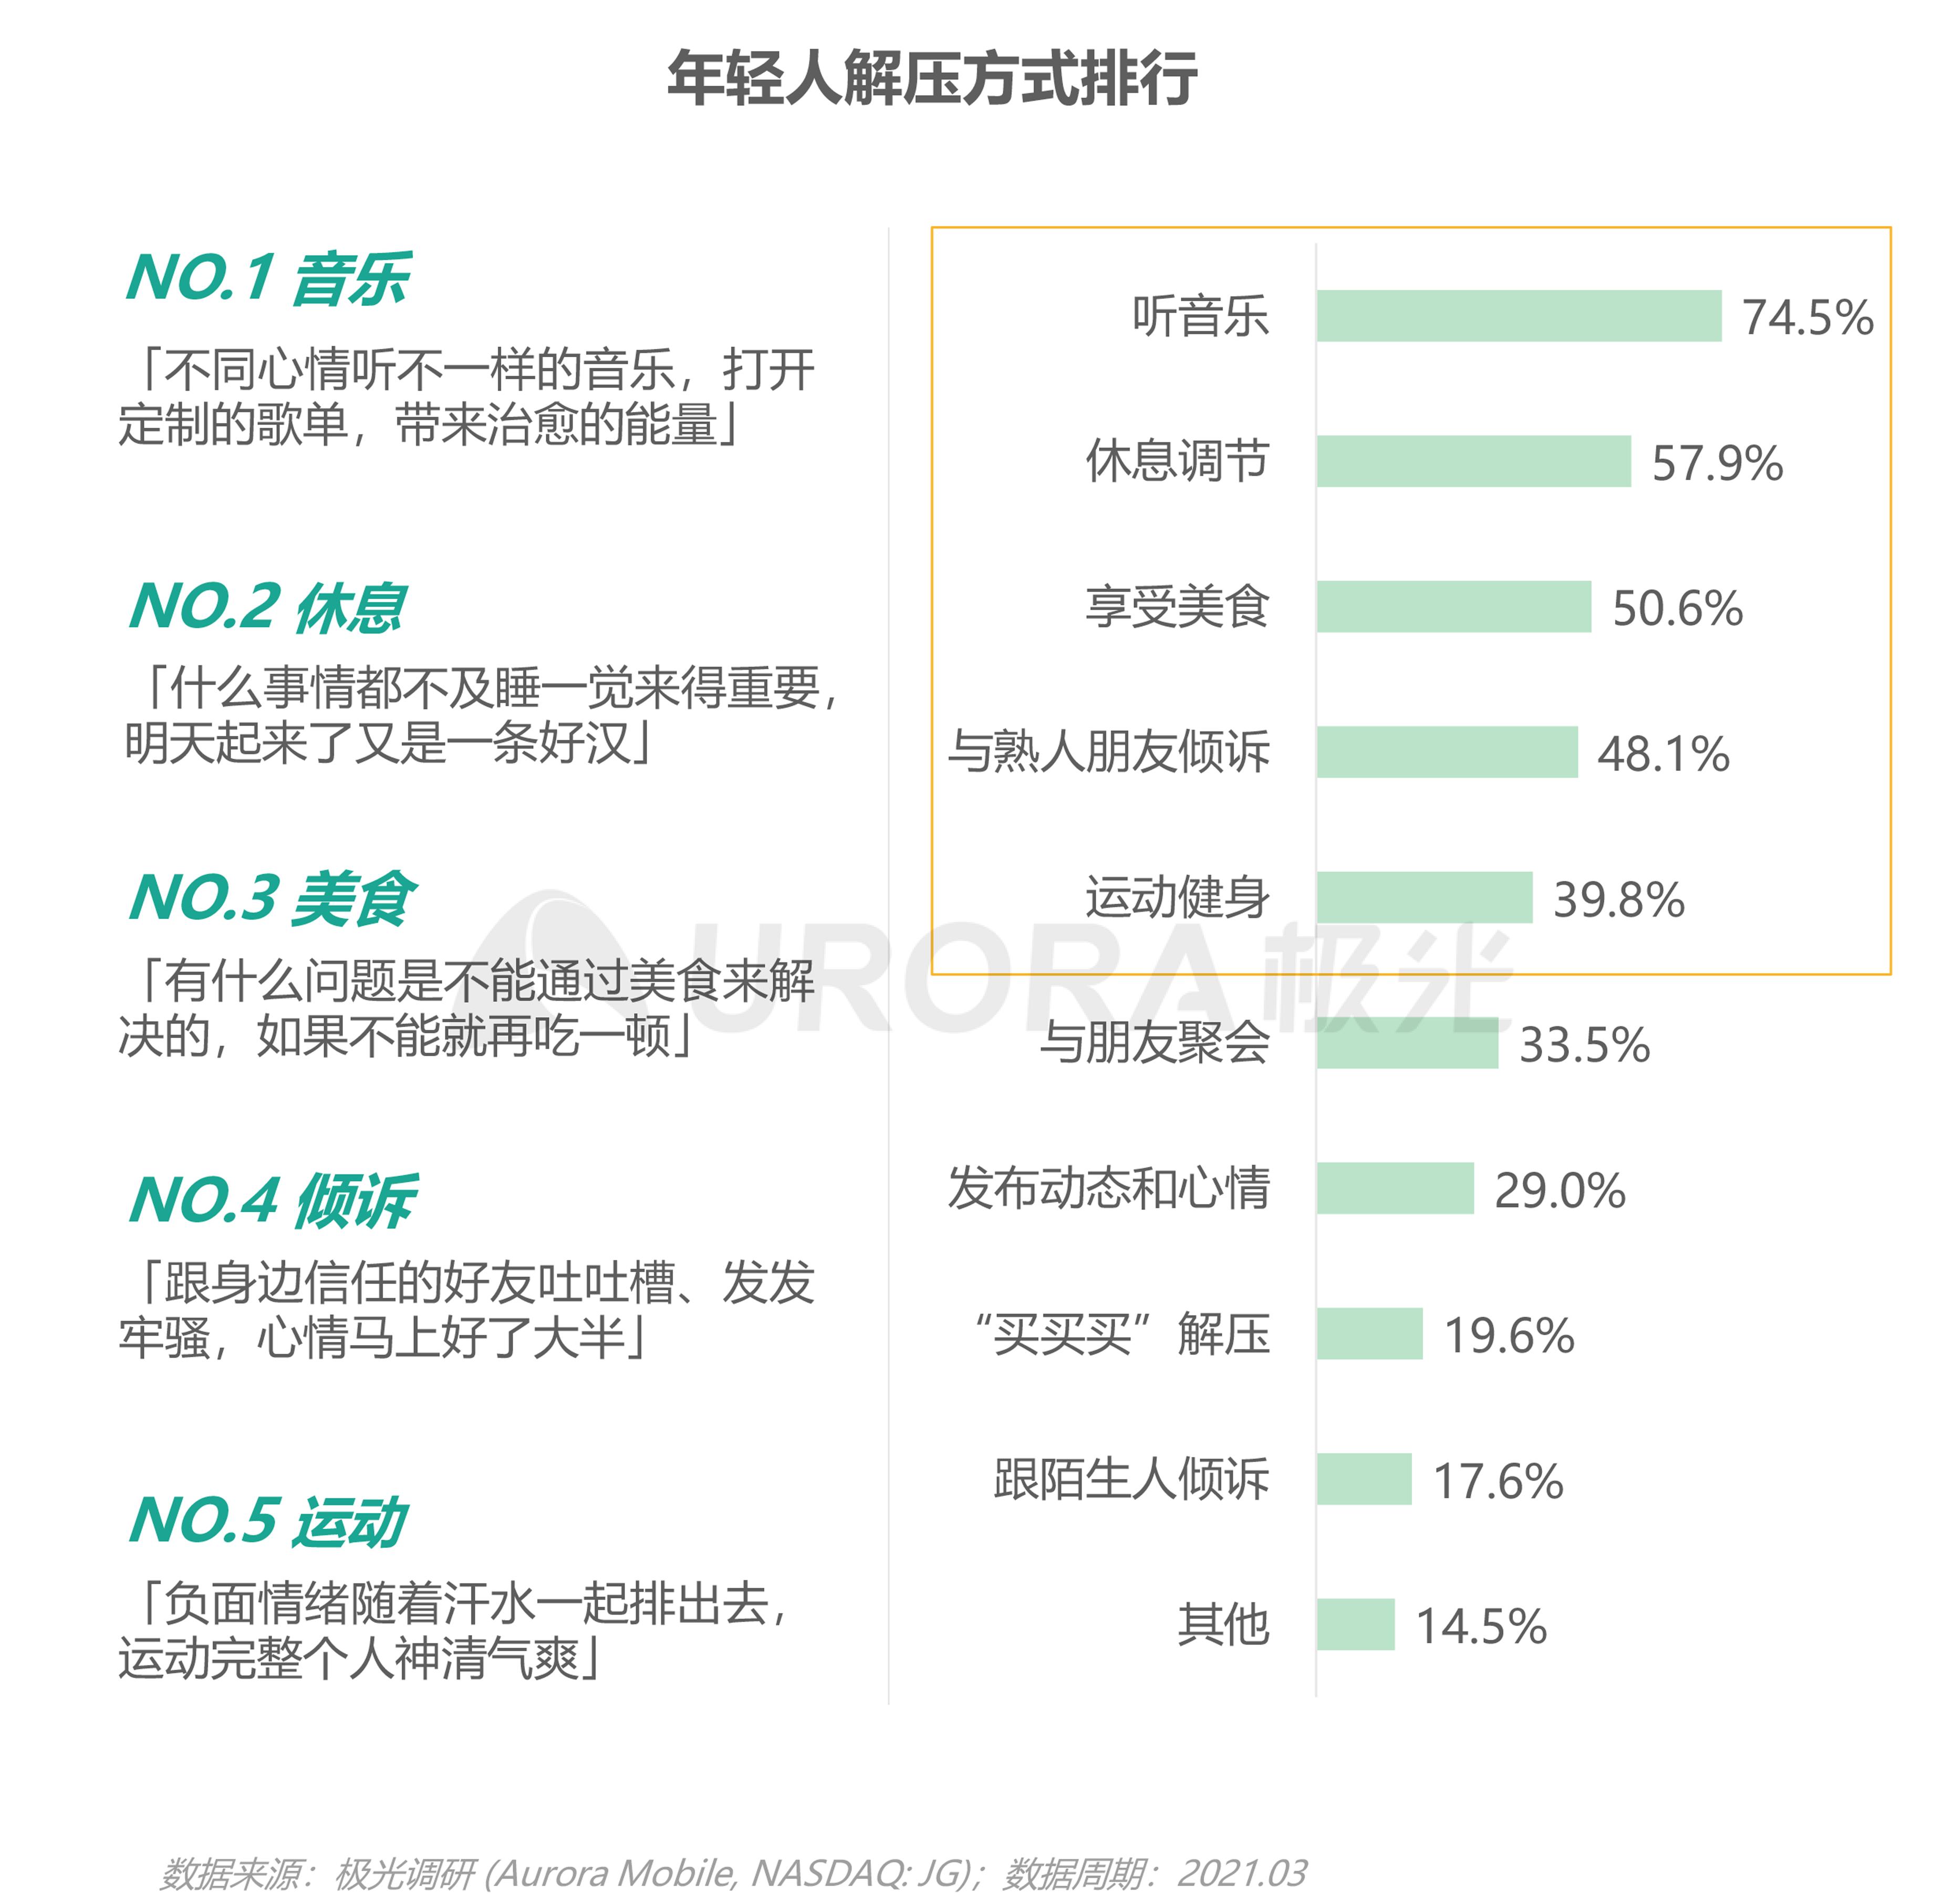 2021年轻人营销趋势研究报告【定稿】-15.png